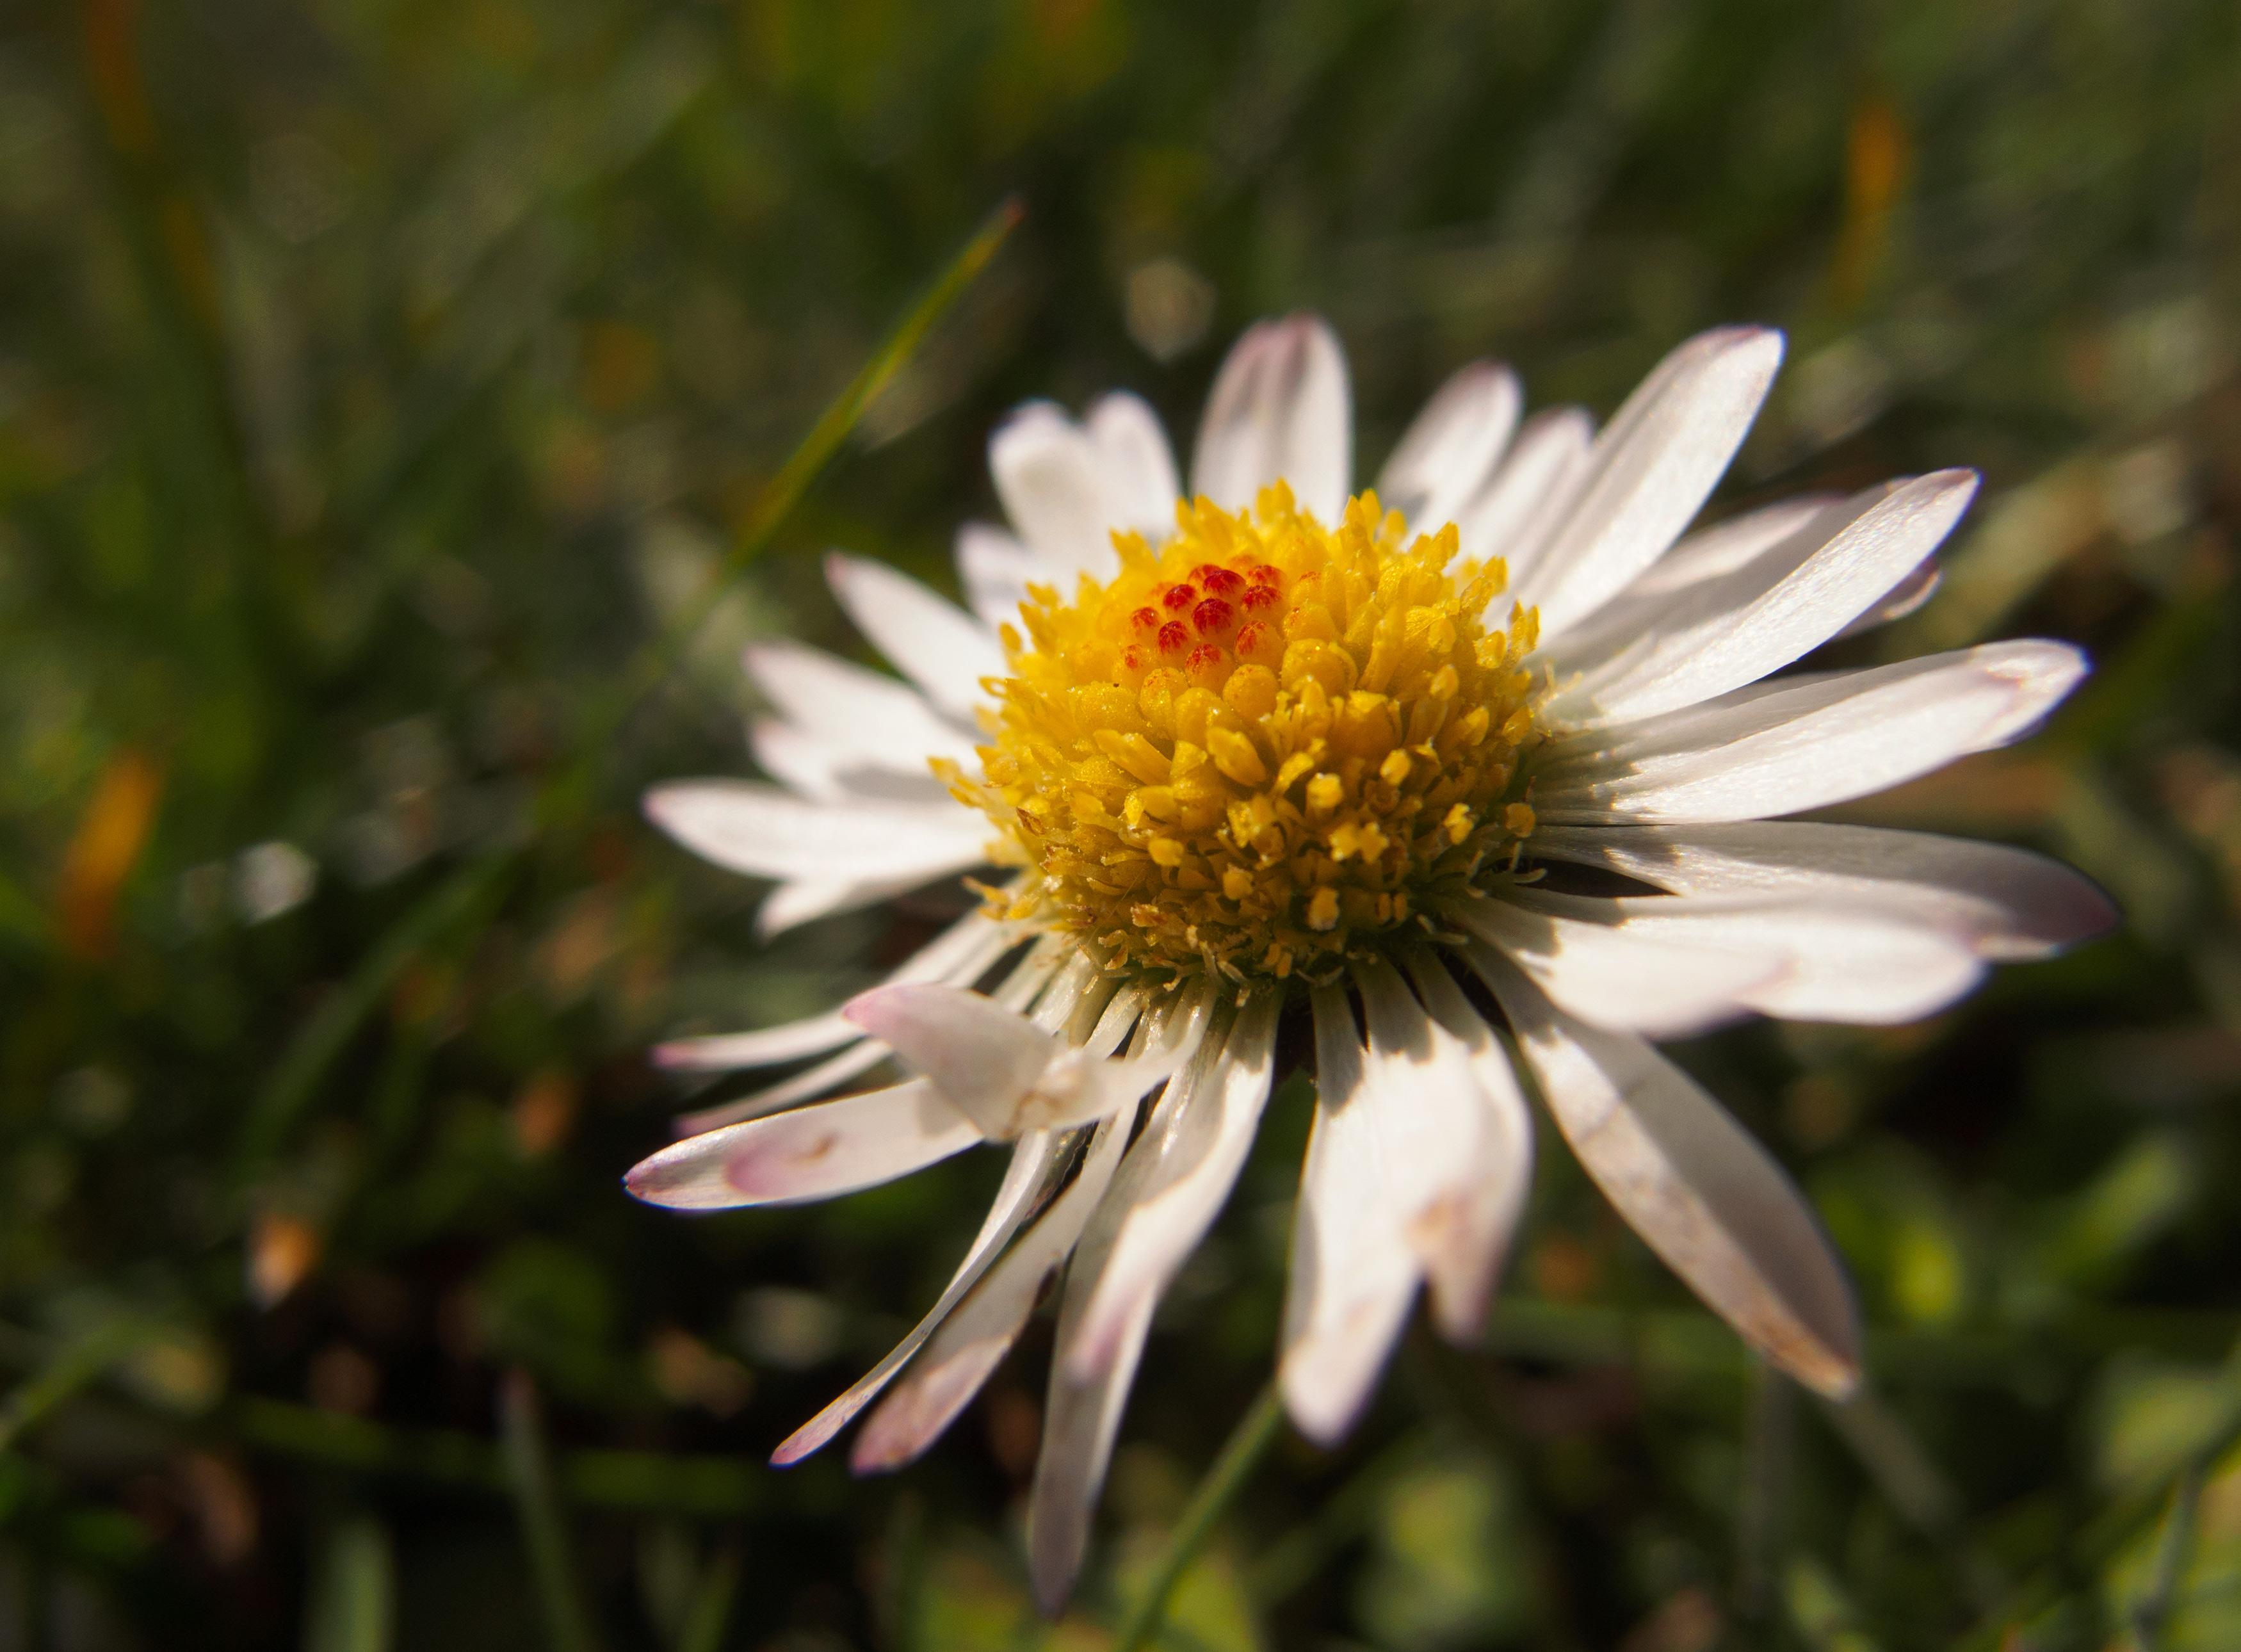 Free image daisy flower libreshot public domain photos free image daisy flower izmirmasajfo